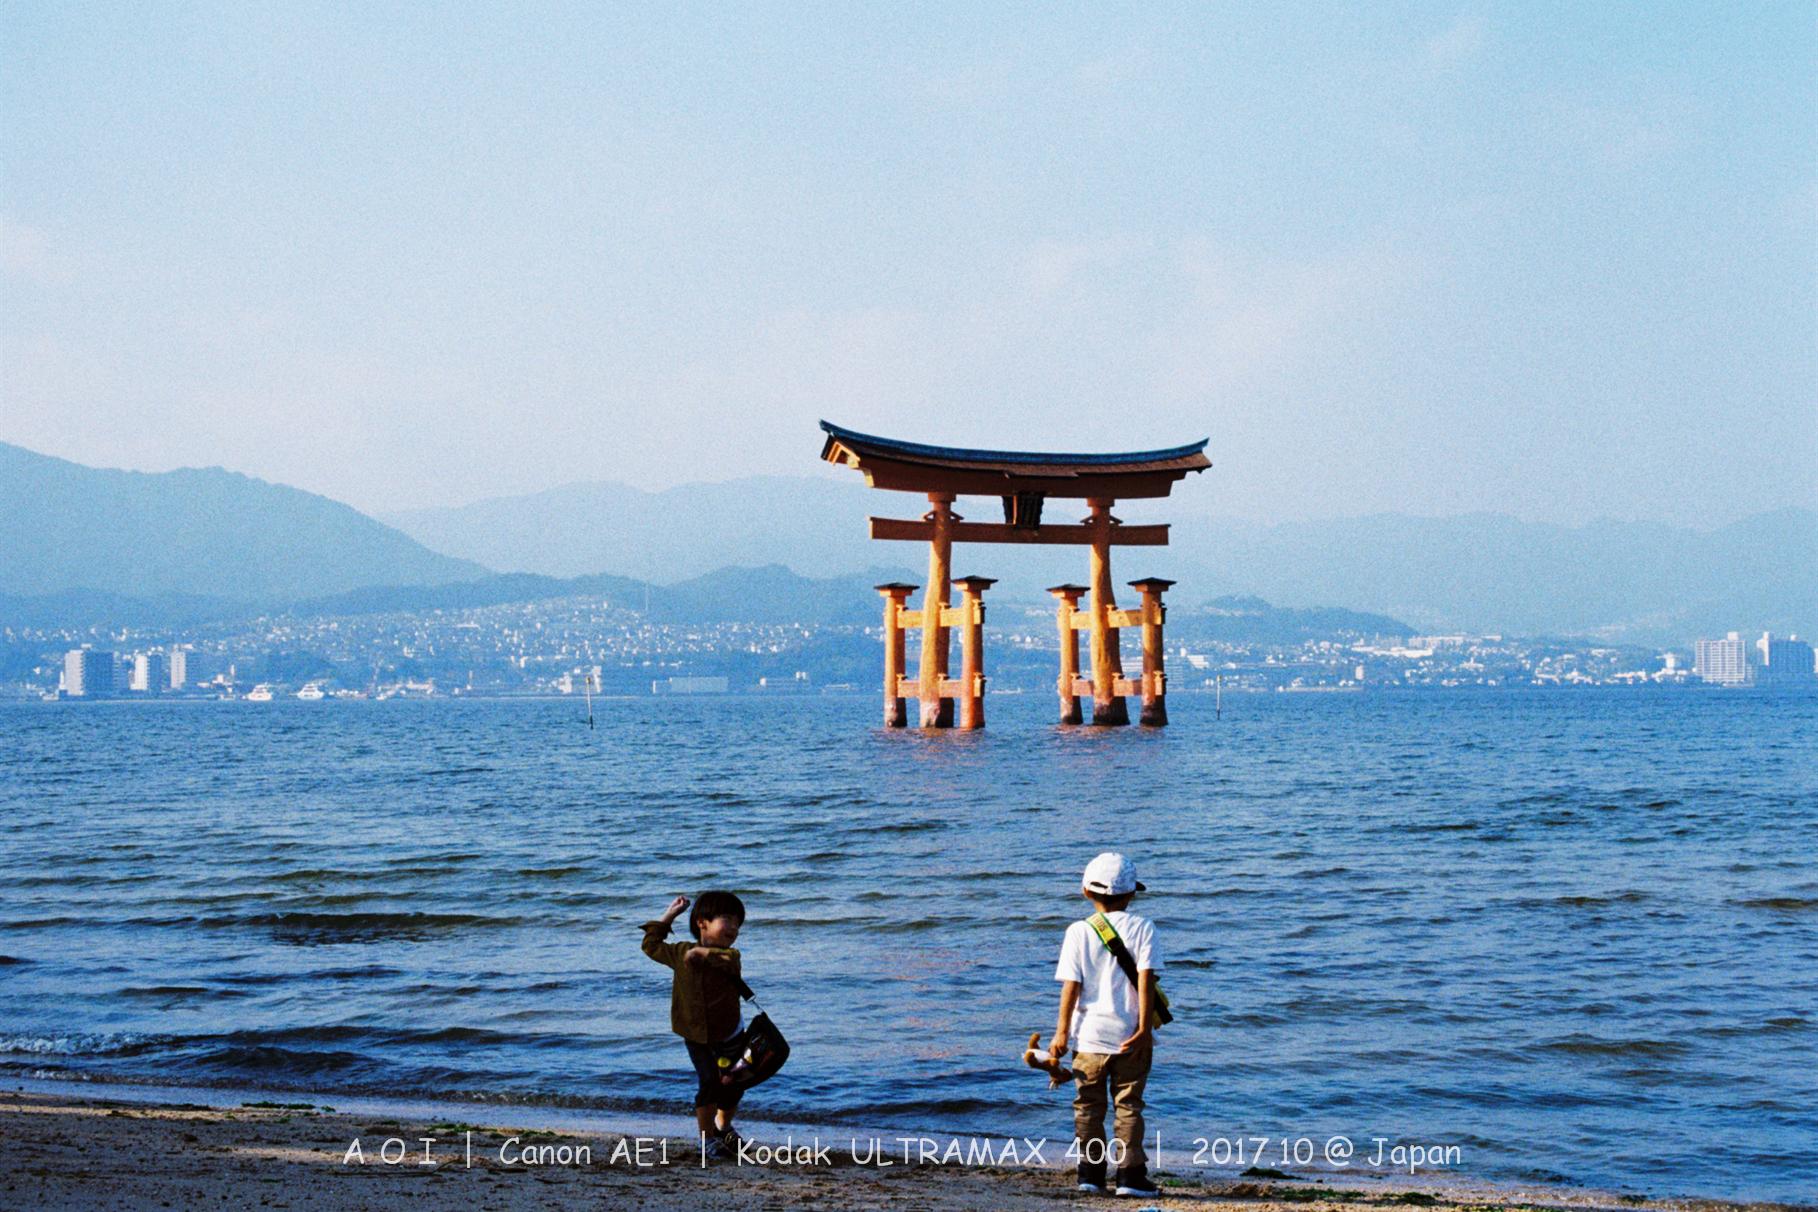 【日本 ● 秋 ● 中国地区 / 鸟取-岛根-广岛-...